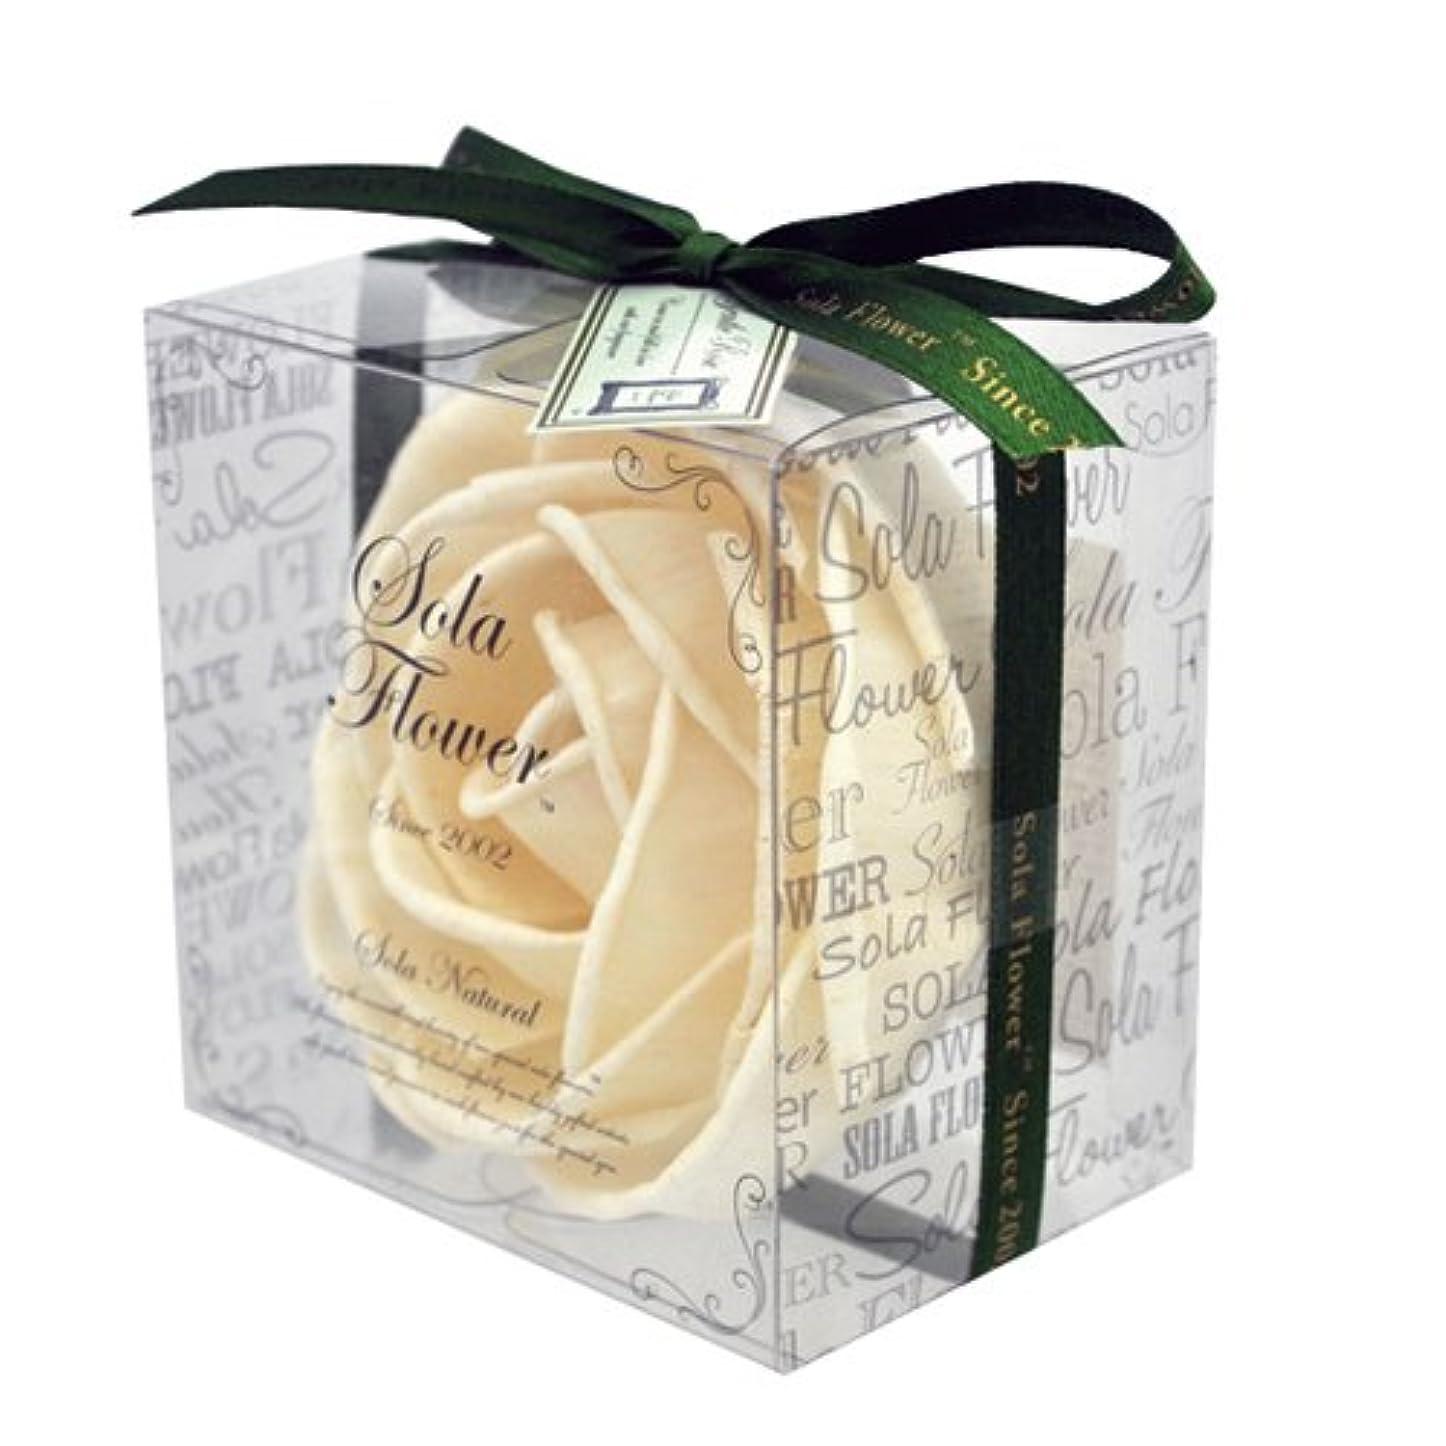 適用済み気取らないめんどりnew Sola Flower ソラフラワー ナチュラル Gentle Rose ジェントルローズ Natural